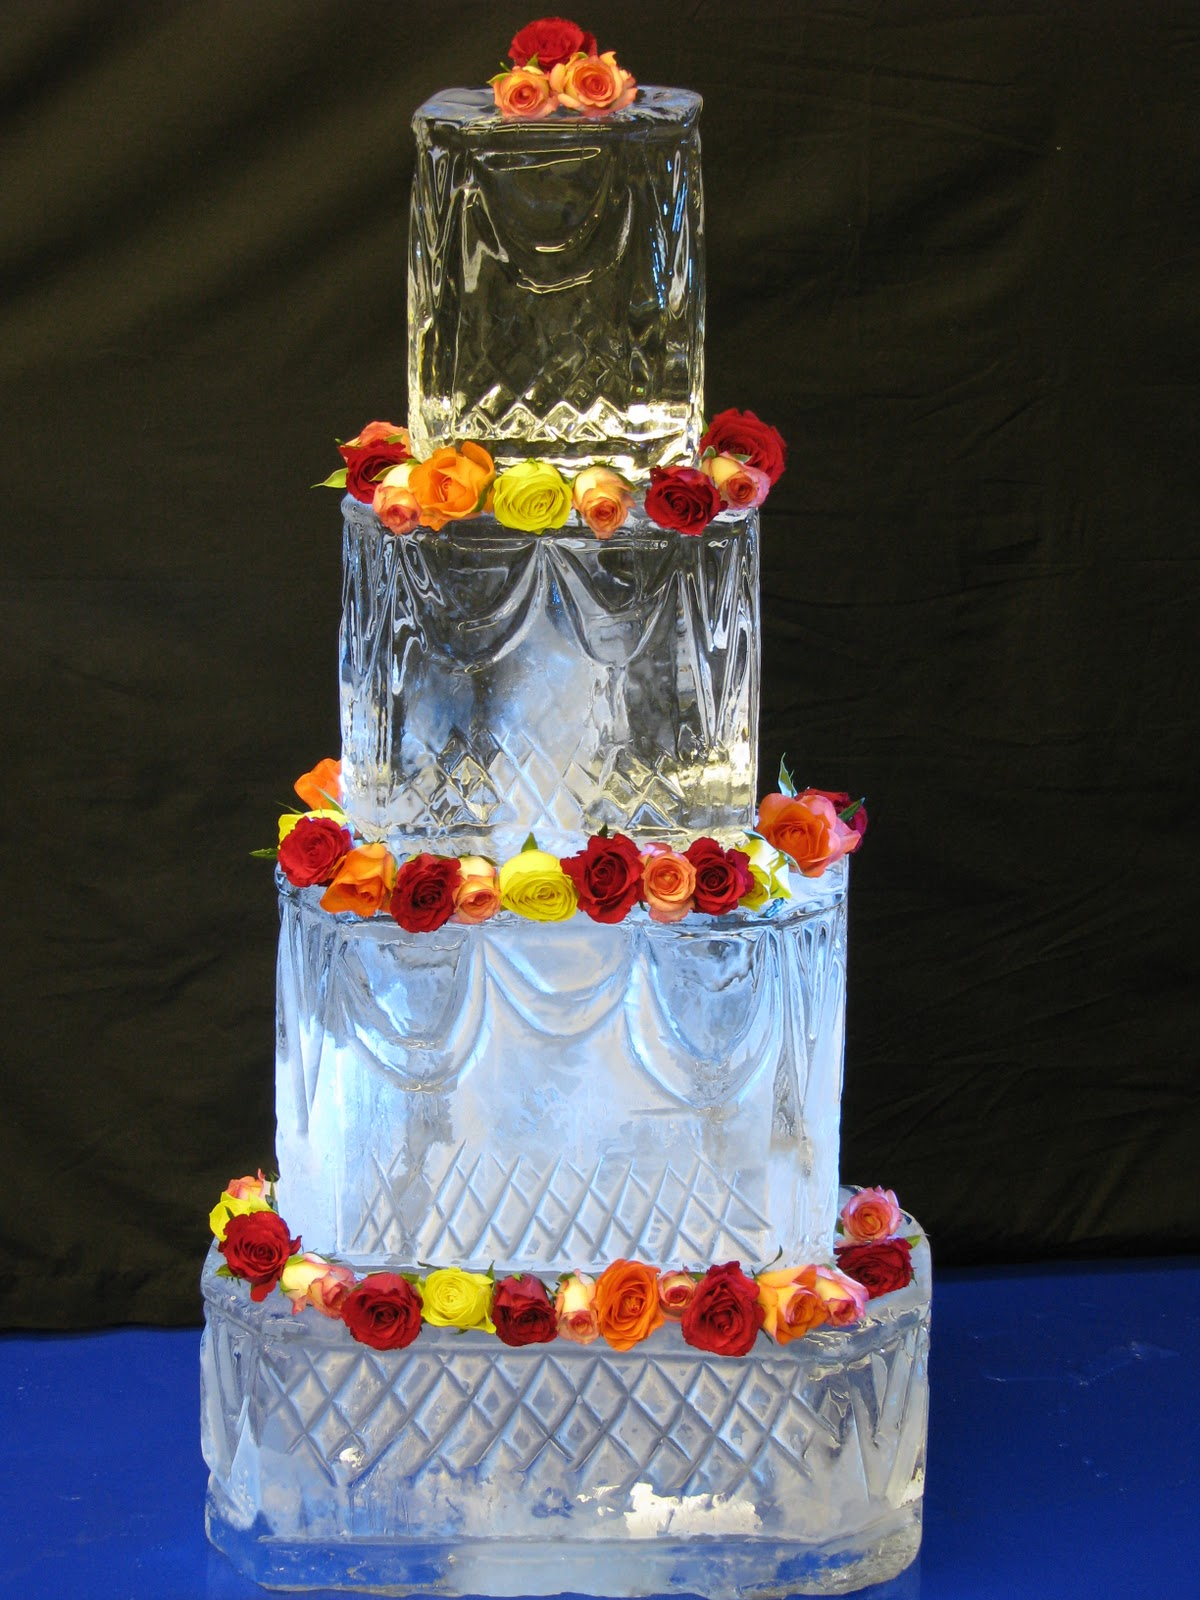 sculpture cakes